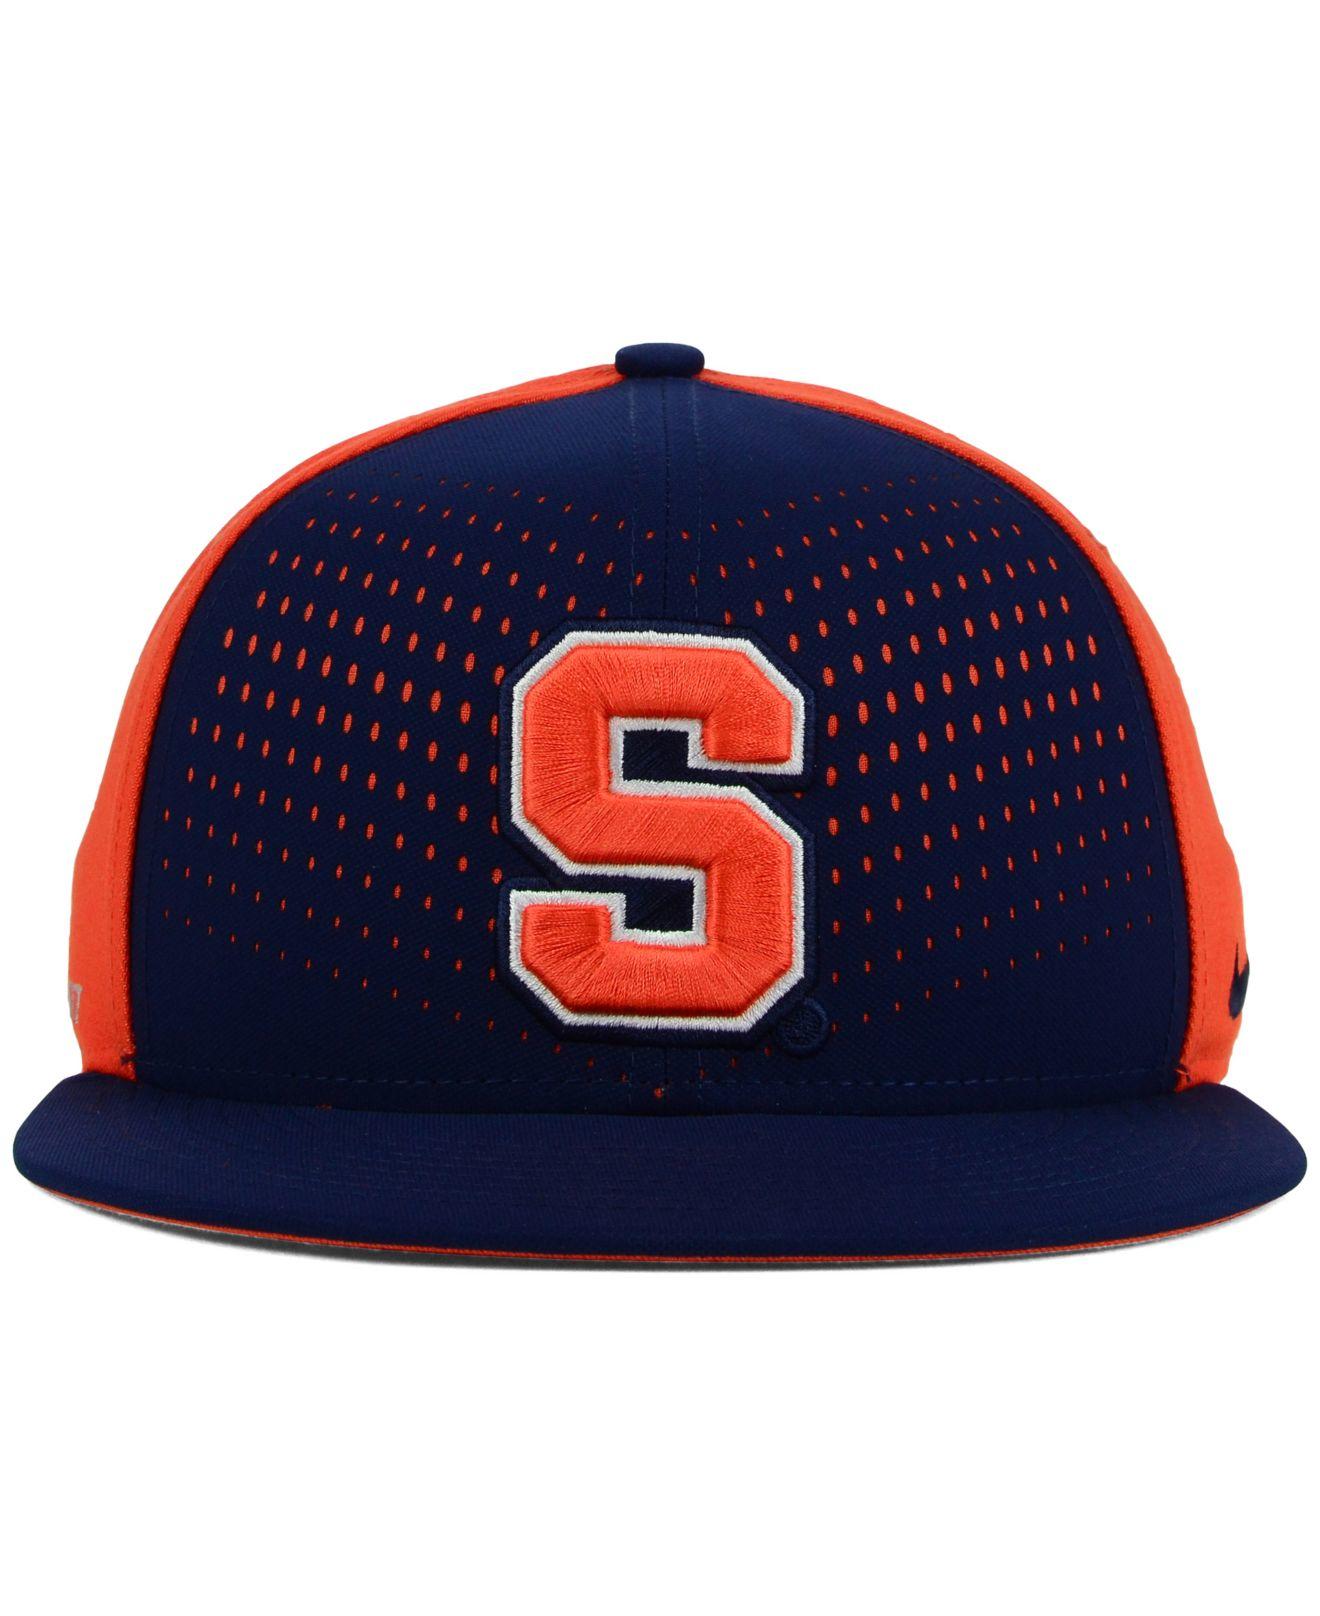 d2a65d01690d73 ... switzerland lyst nike syracuse orange true seasonal snapback cap in blue  for men f6d47 92e0a